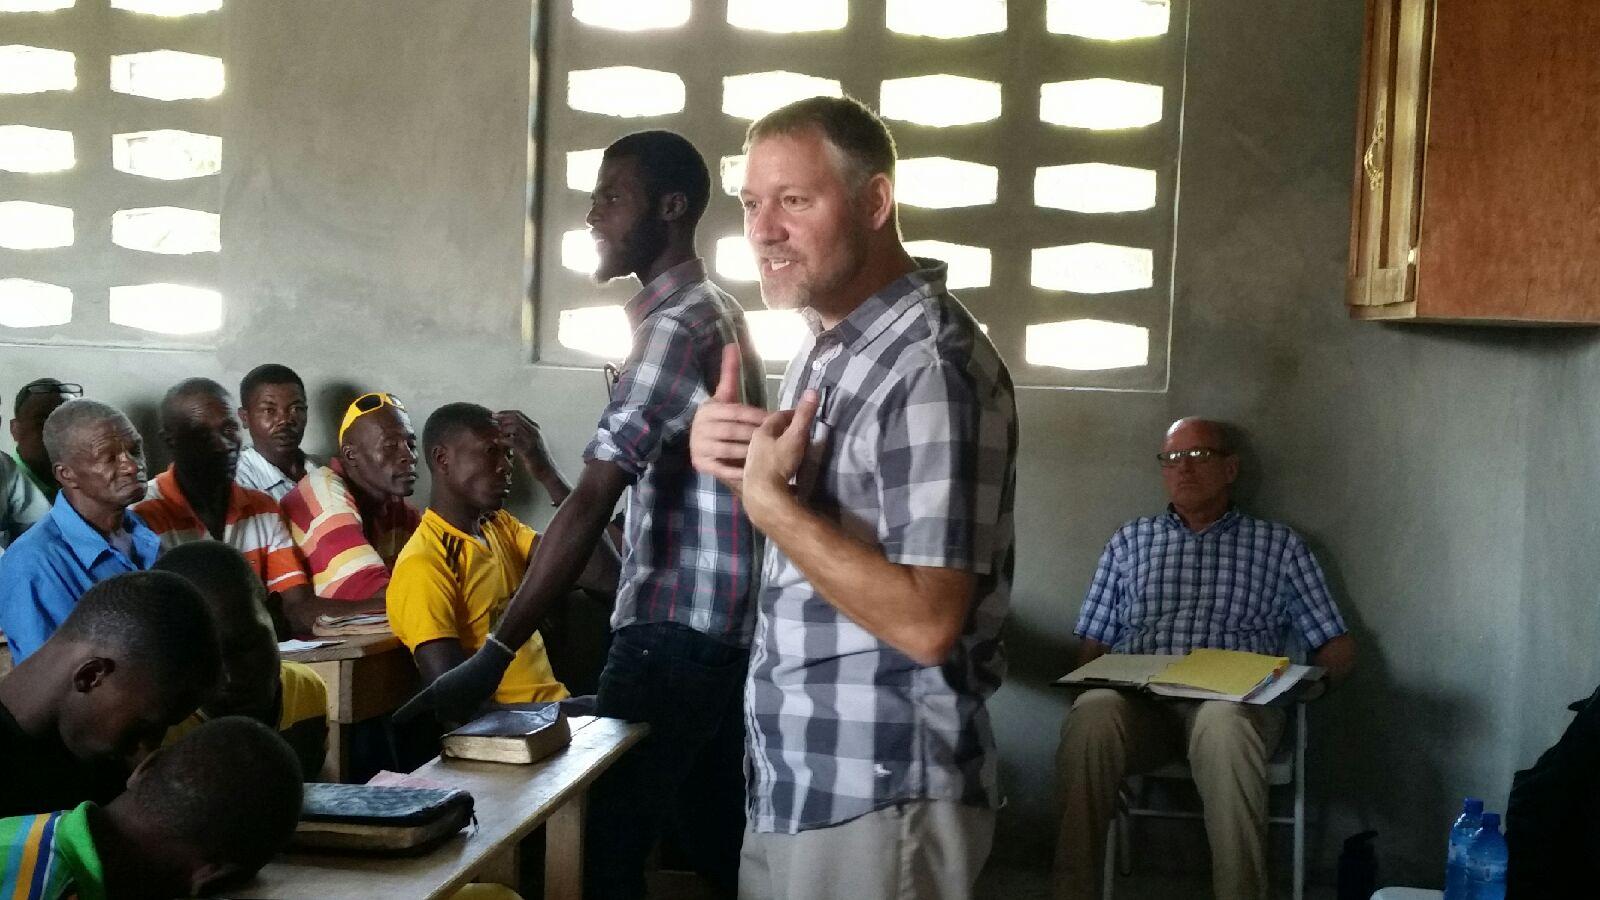 Jim teaching men